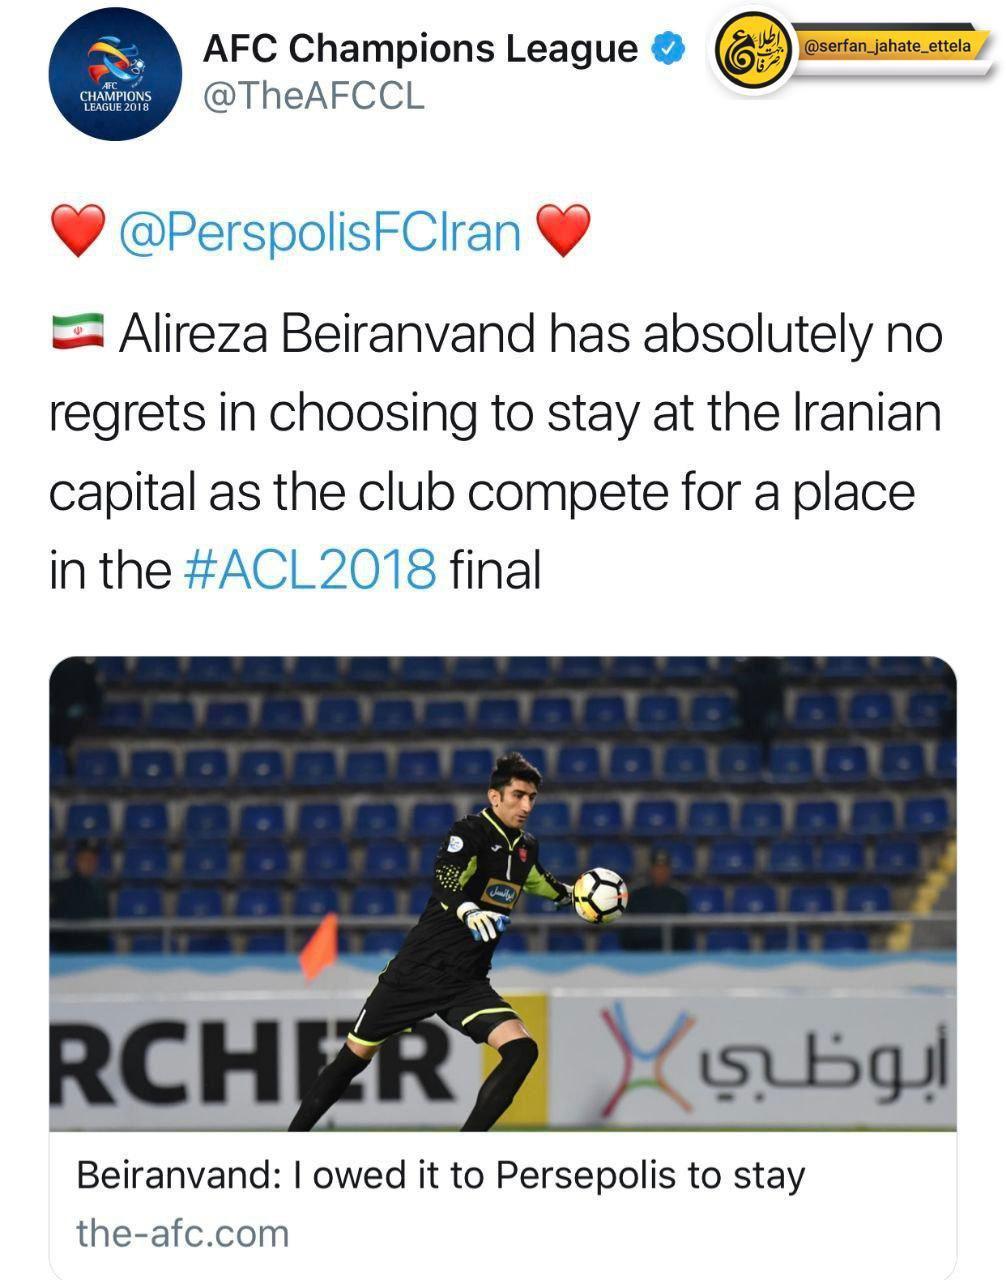 بازتاب مصاحبه علیرضا بیرانوند با AFC در صفحه توییتر لیگ قهرمانان آسیا